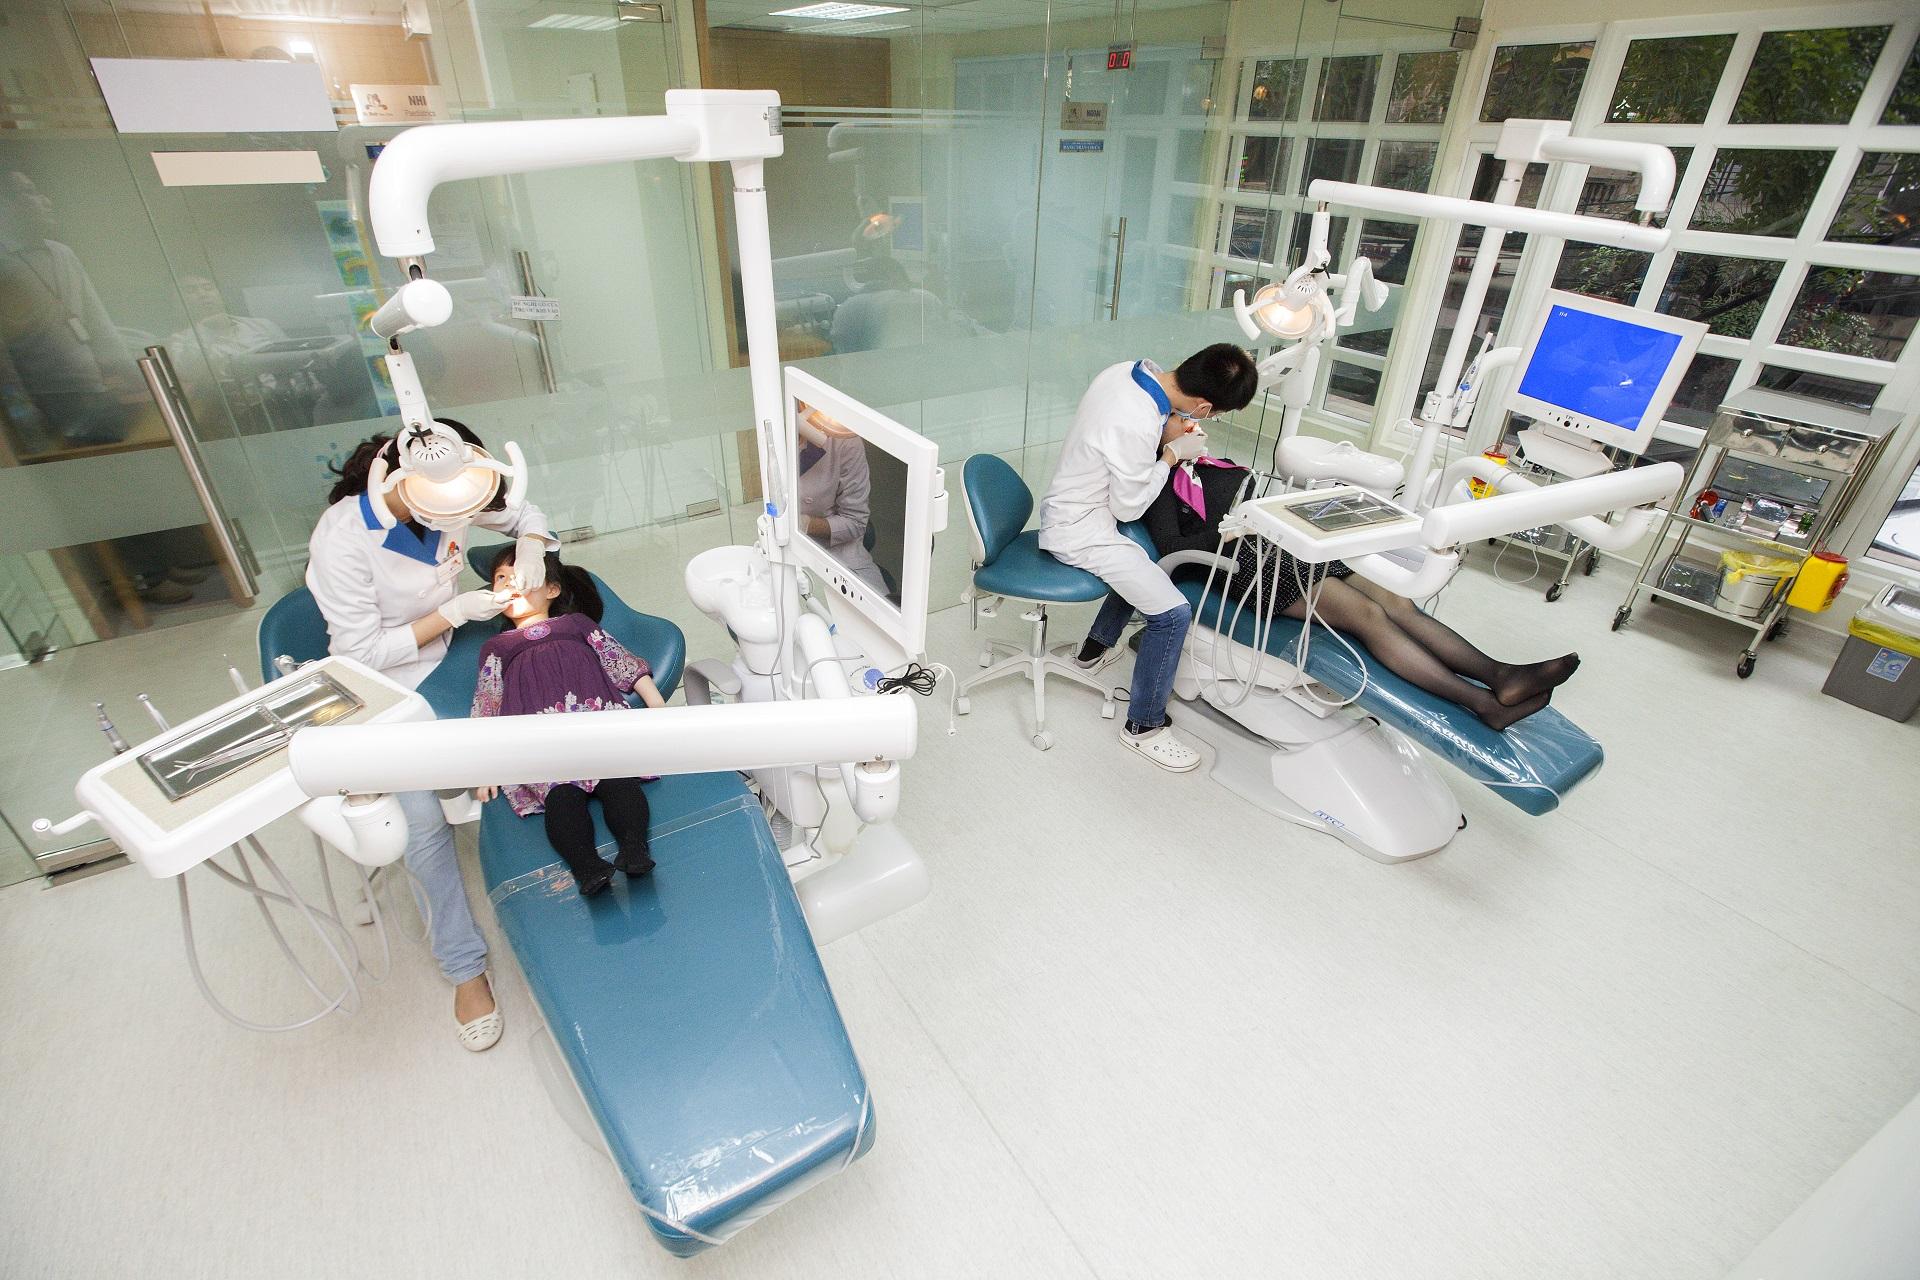 phòng khám Răng Hàm Mặt - Bác sĩ Nguyễn Kim Ngọc